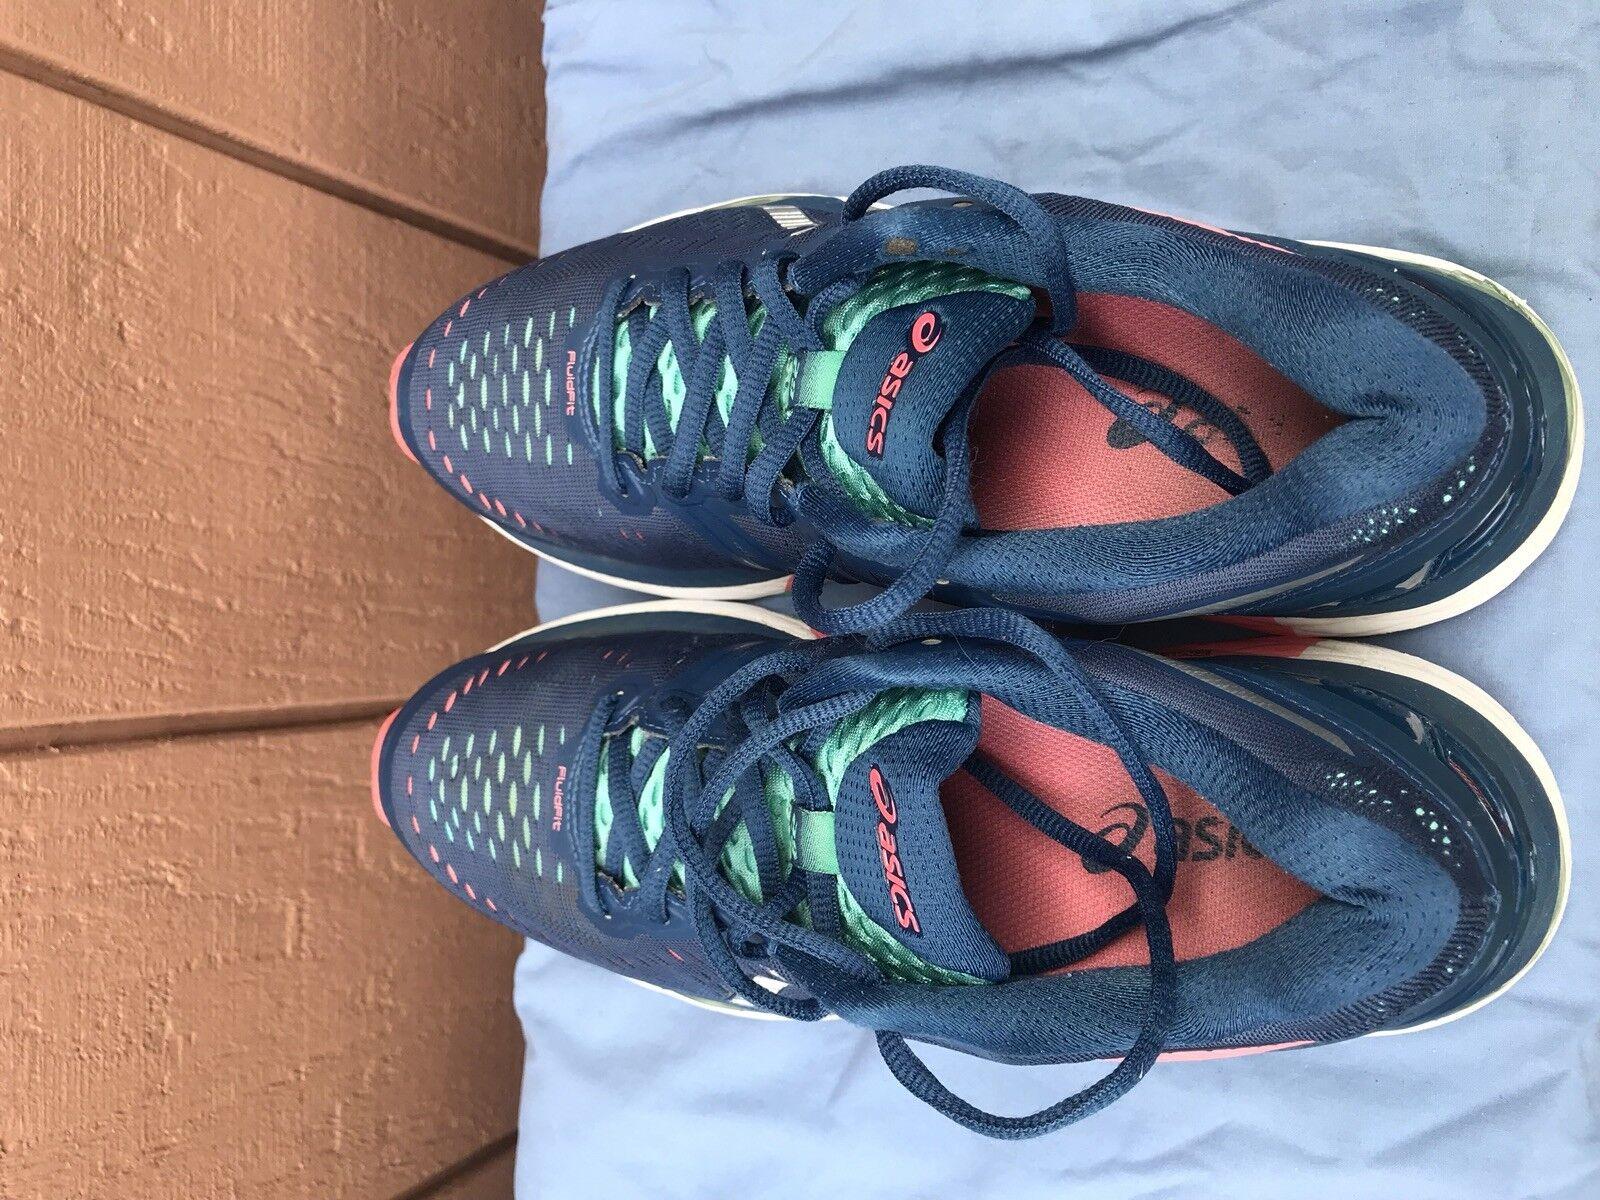 t696n asics gel kayano 23 femmes est sport nous 8,5 en chaussures sport est bleu vert a5 a1ced2